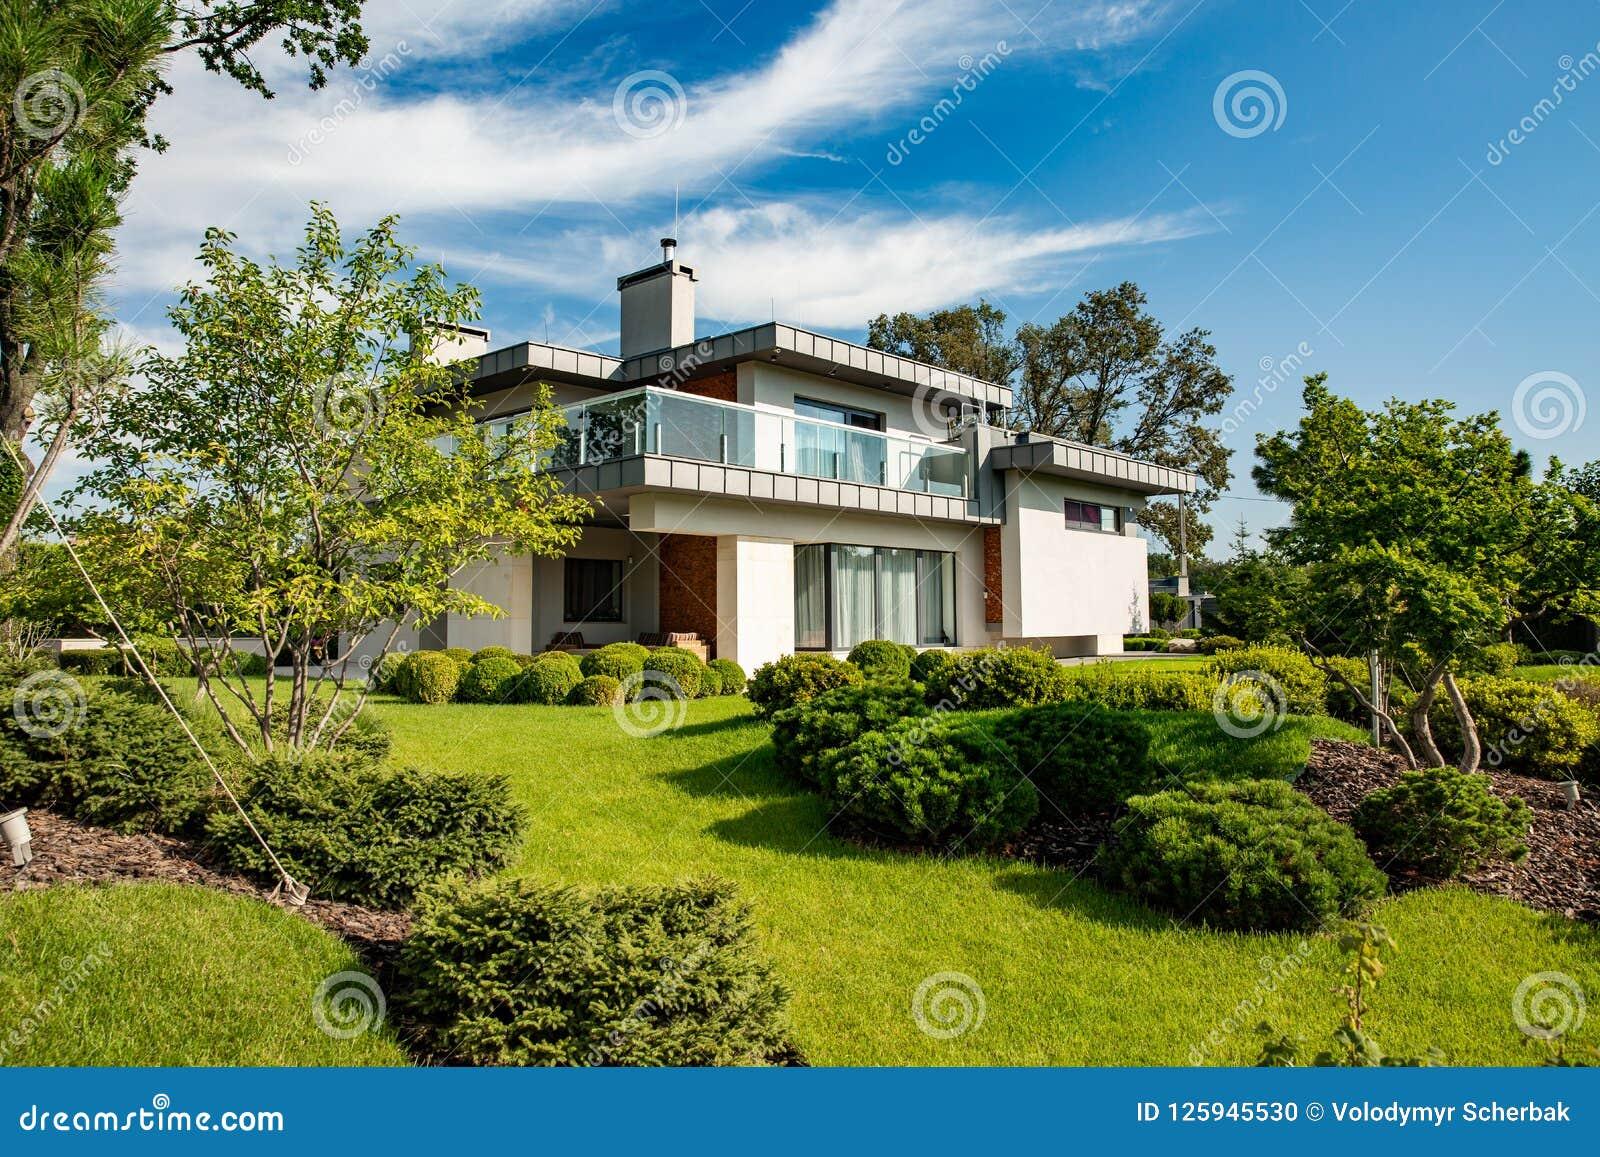 Mooi modern huis in cement, mening van de tuin